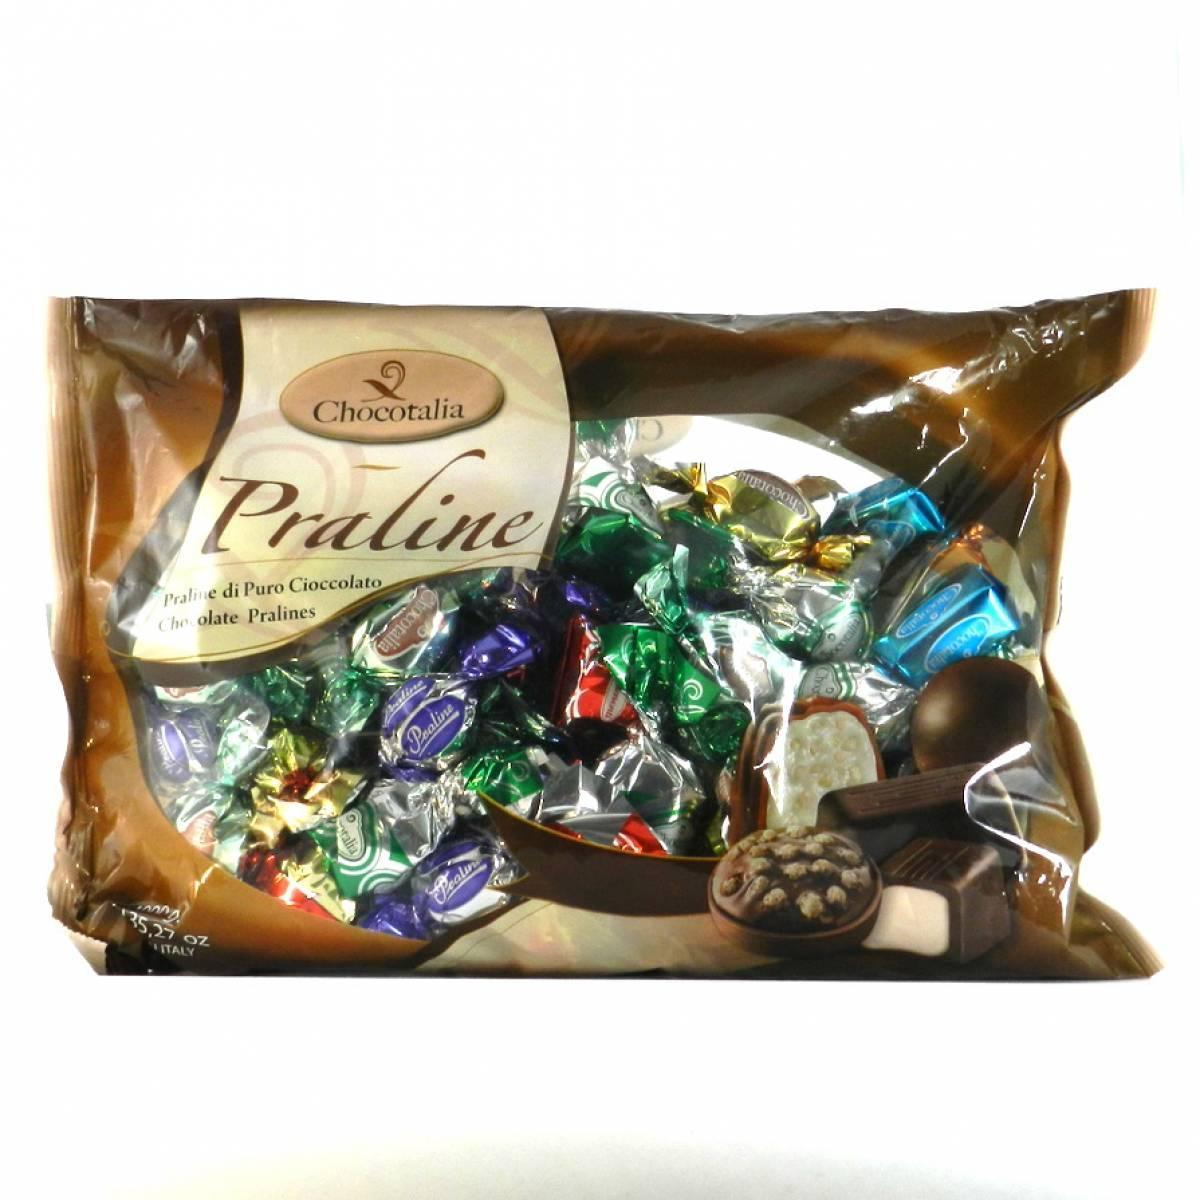 Шоколадные конфеты Chocotalia  praline АССОРТИ 1 кг, Италия